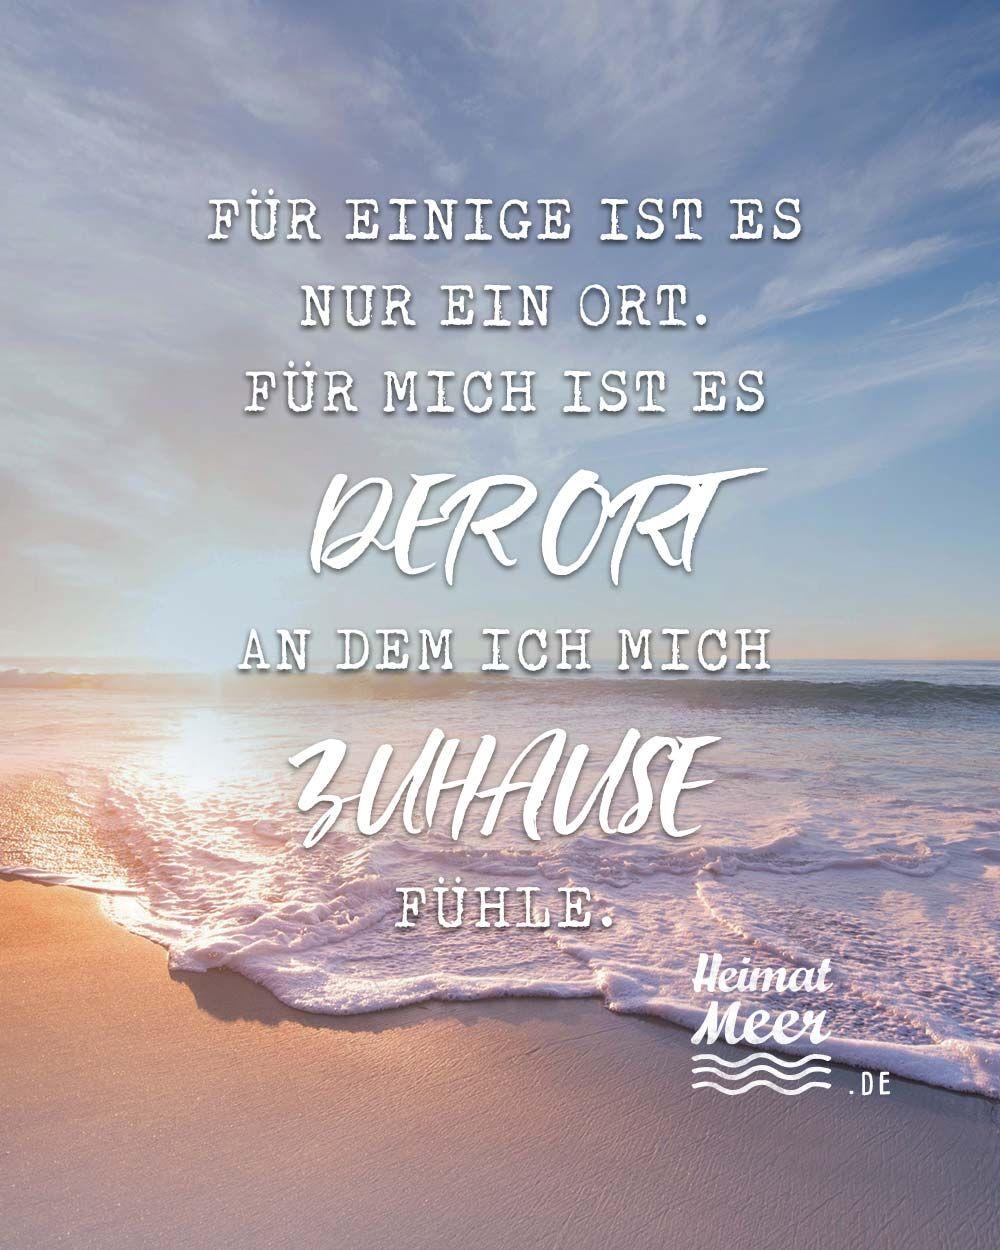 Für einige nur ein Ort. Für mich DER ORT🙏Mee(h)r für alle, die das Meer lieben>>